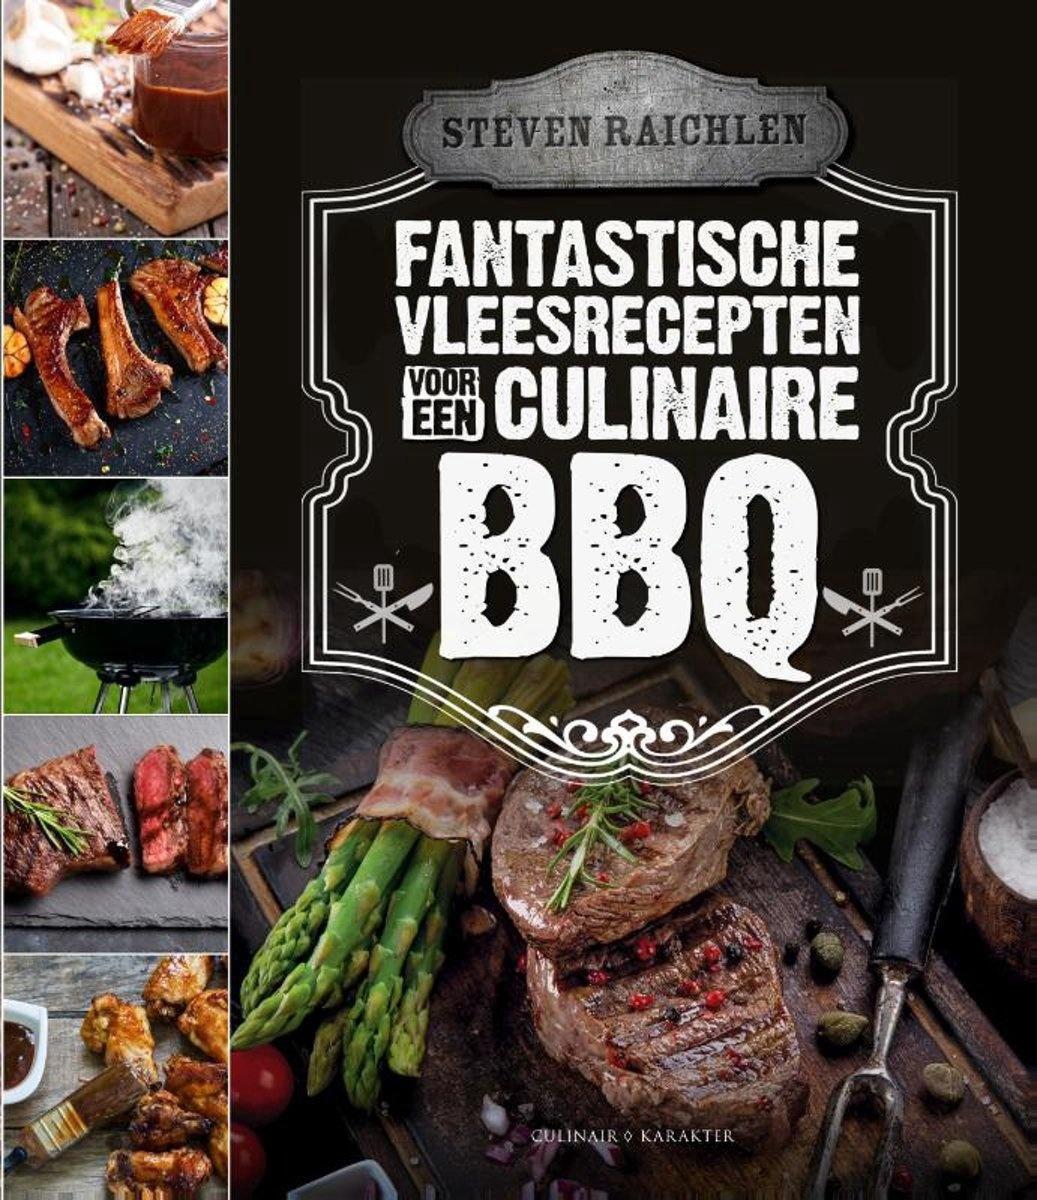 Fantastische vleesrecepten voor een culinaire BBQ - Steven Raichlen